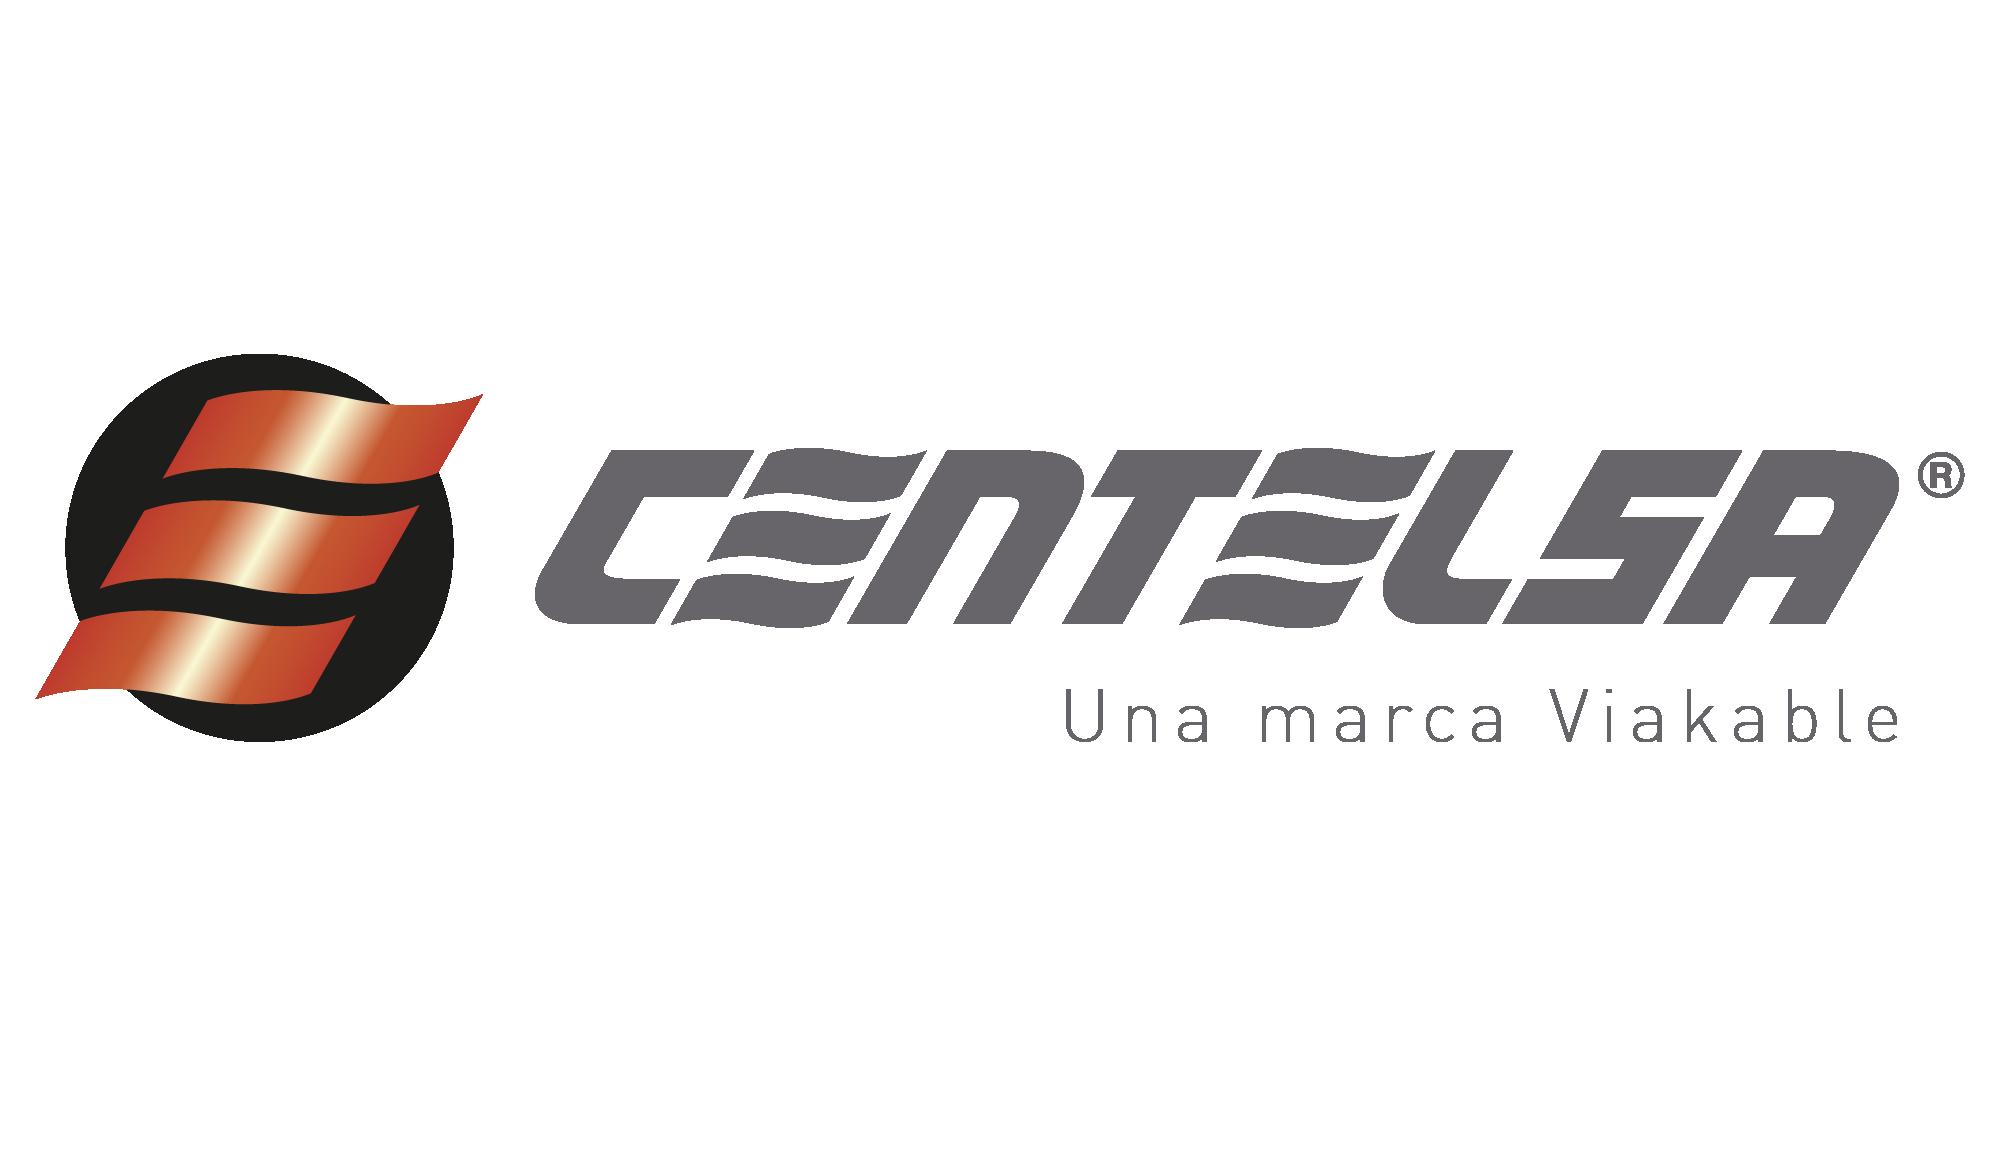 centelsa